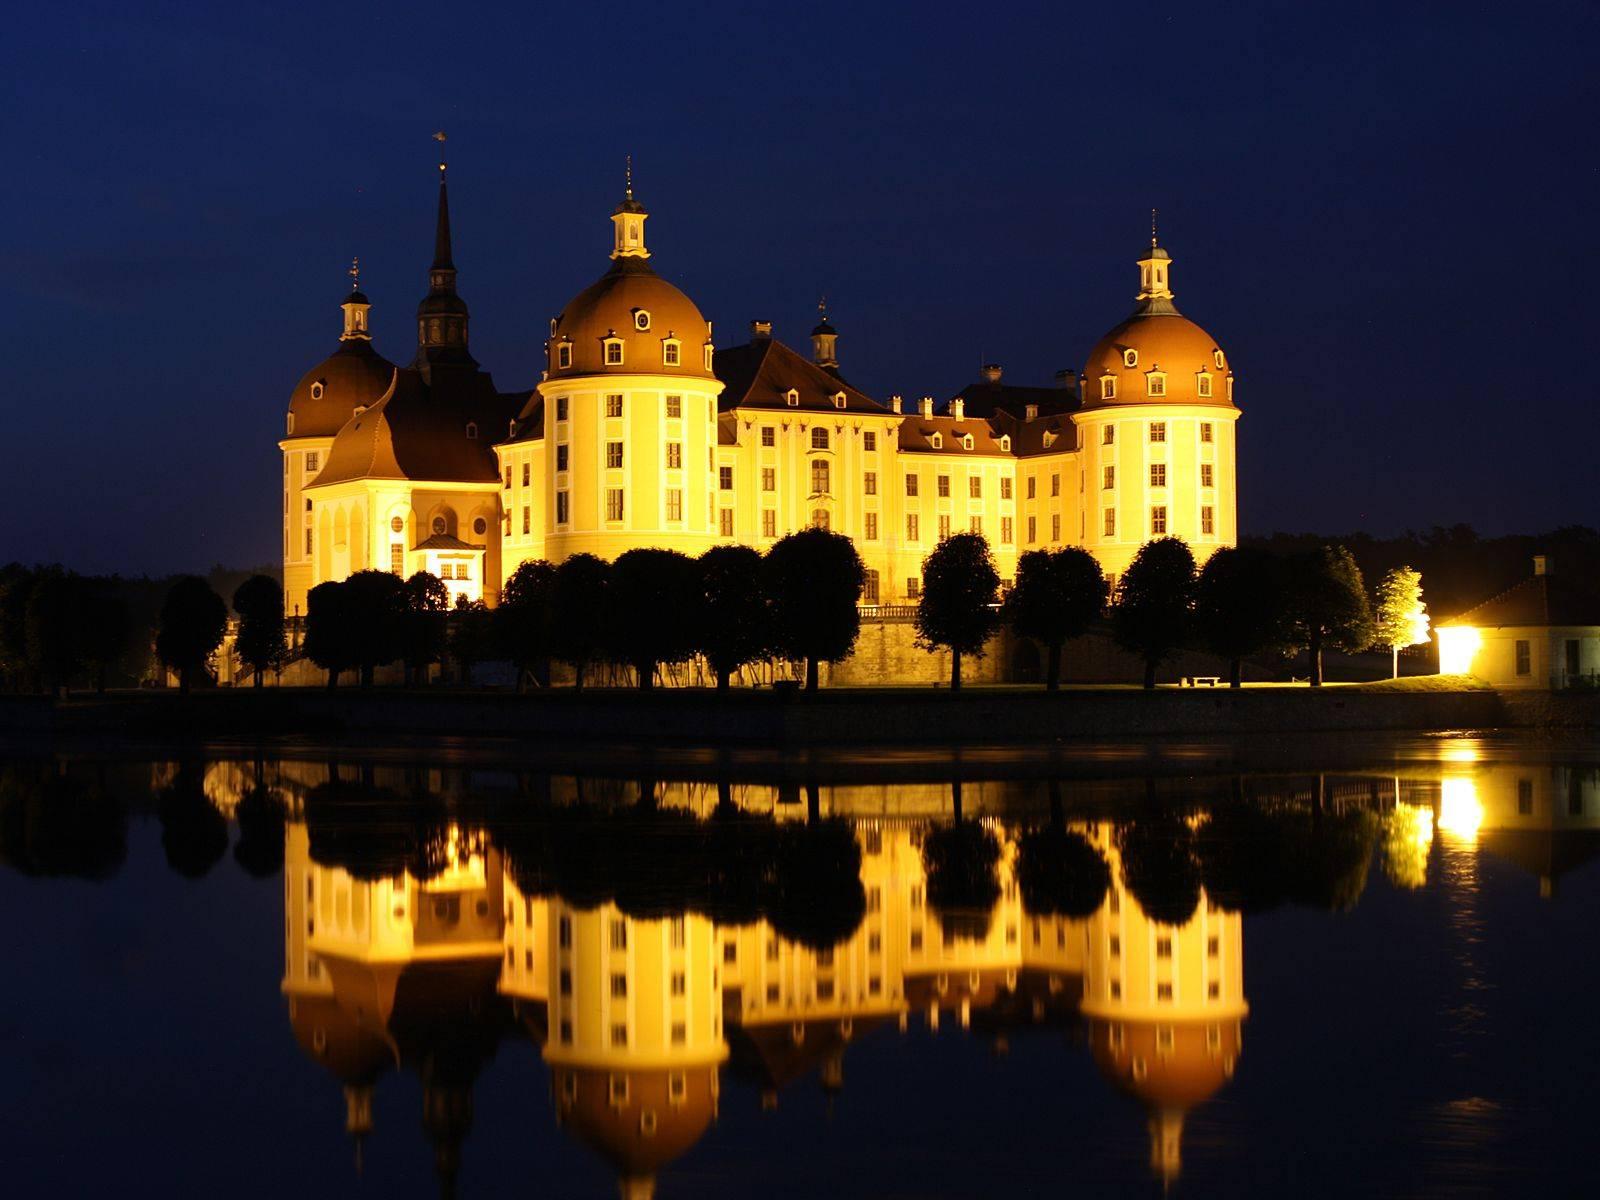 Дрезден, парк саксонская швейцария, замок морицбург. экскурсия из чехии в германию. чехия